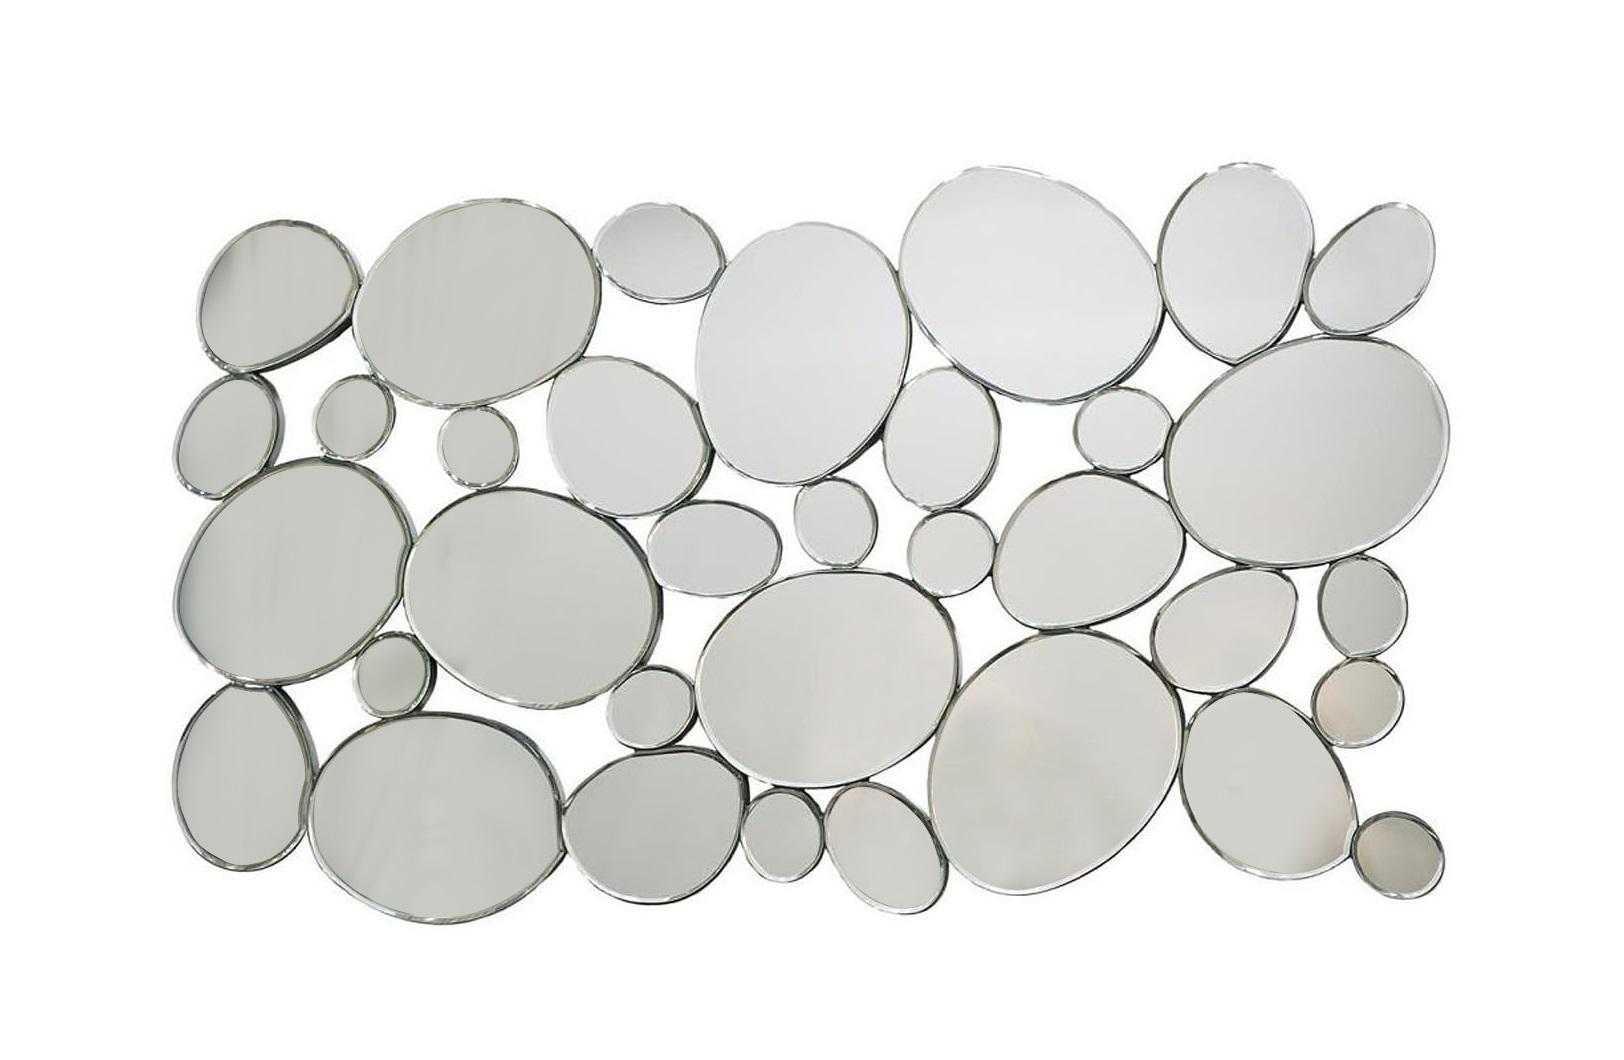 ЗеркалоНастенные зеркала<br>Одно большое зеркало, пусть и в оригинальной раме – кого этим удивишь? Другое дело – множество зеркал разного размера, по форме похожих на речную гальку. Хоть садовую дорожку мости, да прямо на стене! Именно ее и напоминает эта необычная композиция. Как любое зеркало, она визуально расширяет пространство, делает его светлее и гостеприимнее.<br><br>Material: Стекло<br>Ширина см: 76